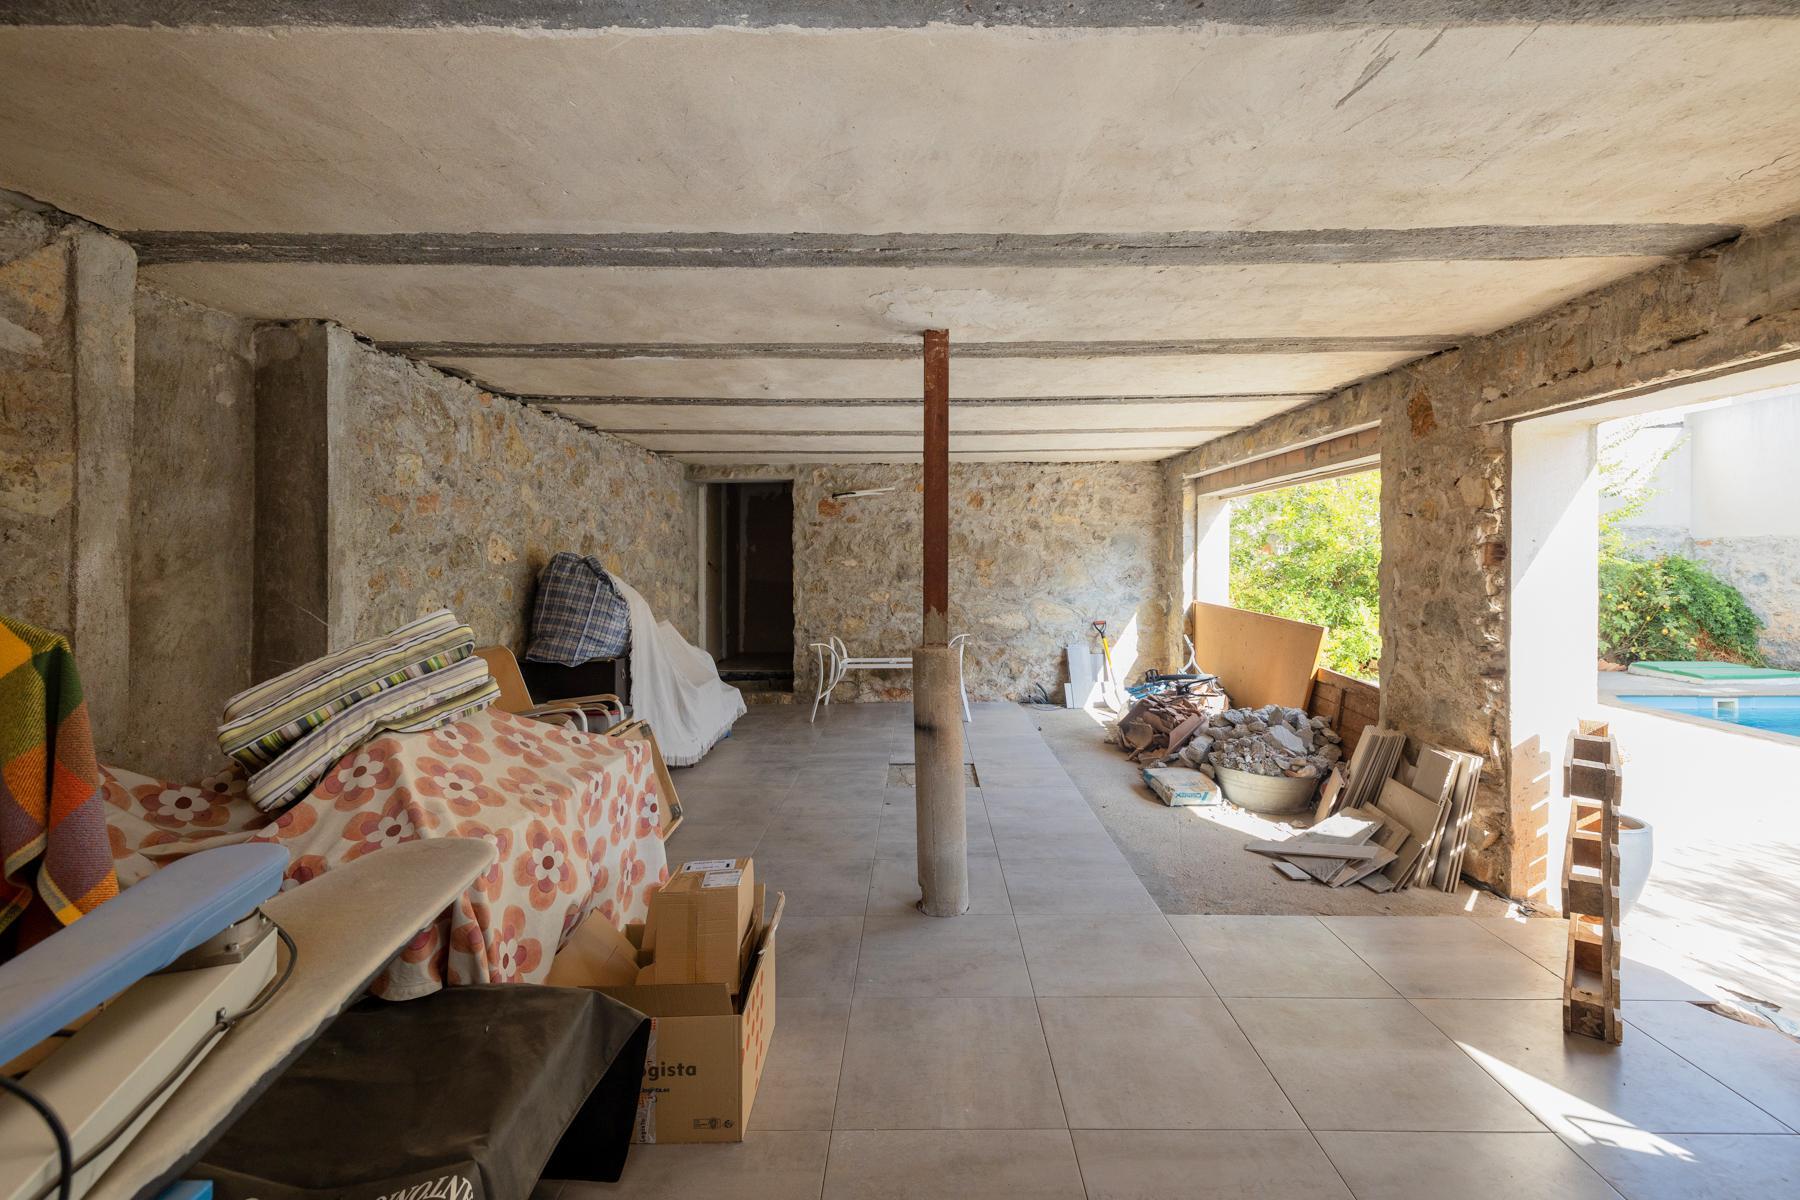 Imagen 4 Casa Aislada en venta en Albolote / Parque del Chaparral, junto cafetería S.Ildefonso